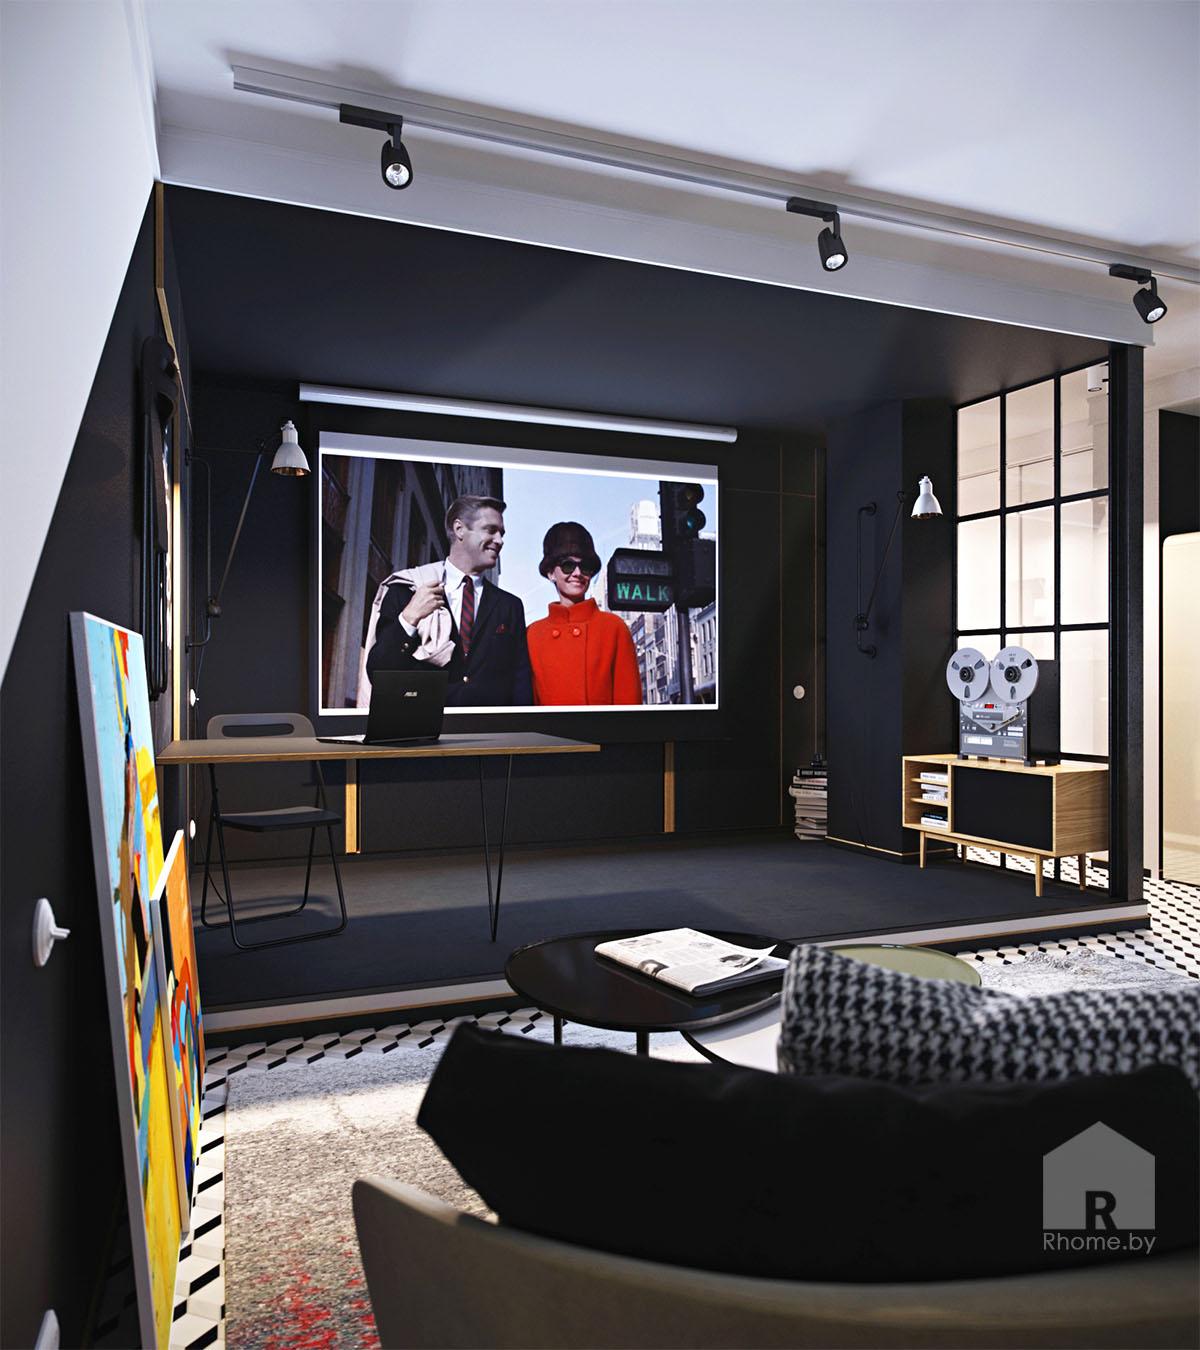 Дизайн интерьера гостиной в ретро стиле 50 годов | Дизайн студия – Rhome.by